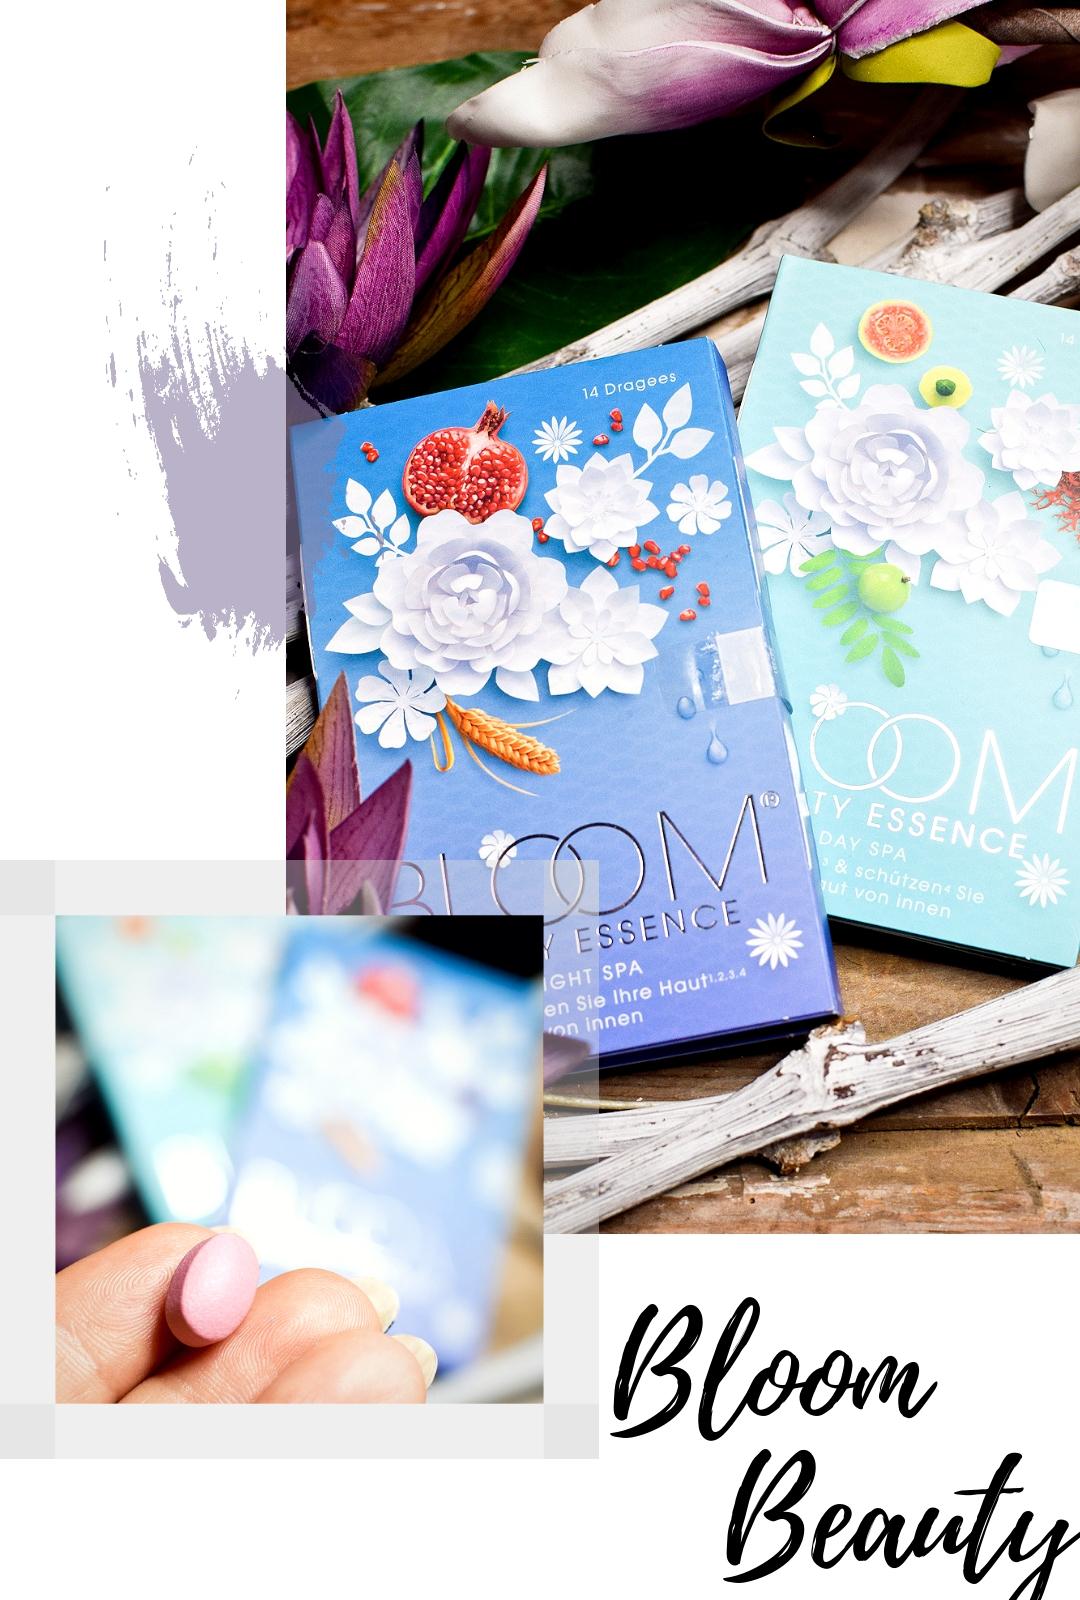 Bloom Beauty Essence Erfahrungsbericht und Test